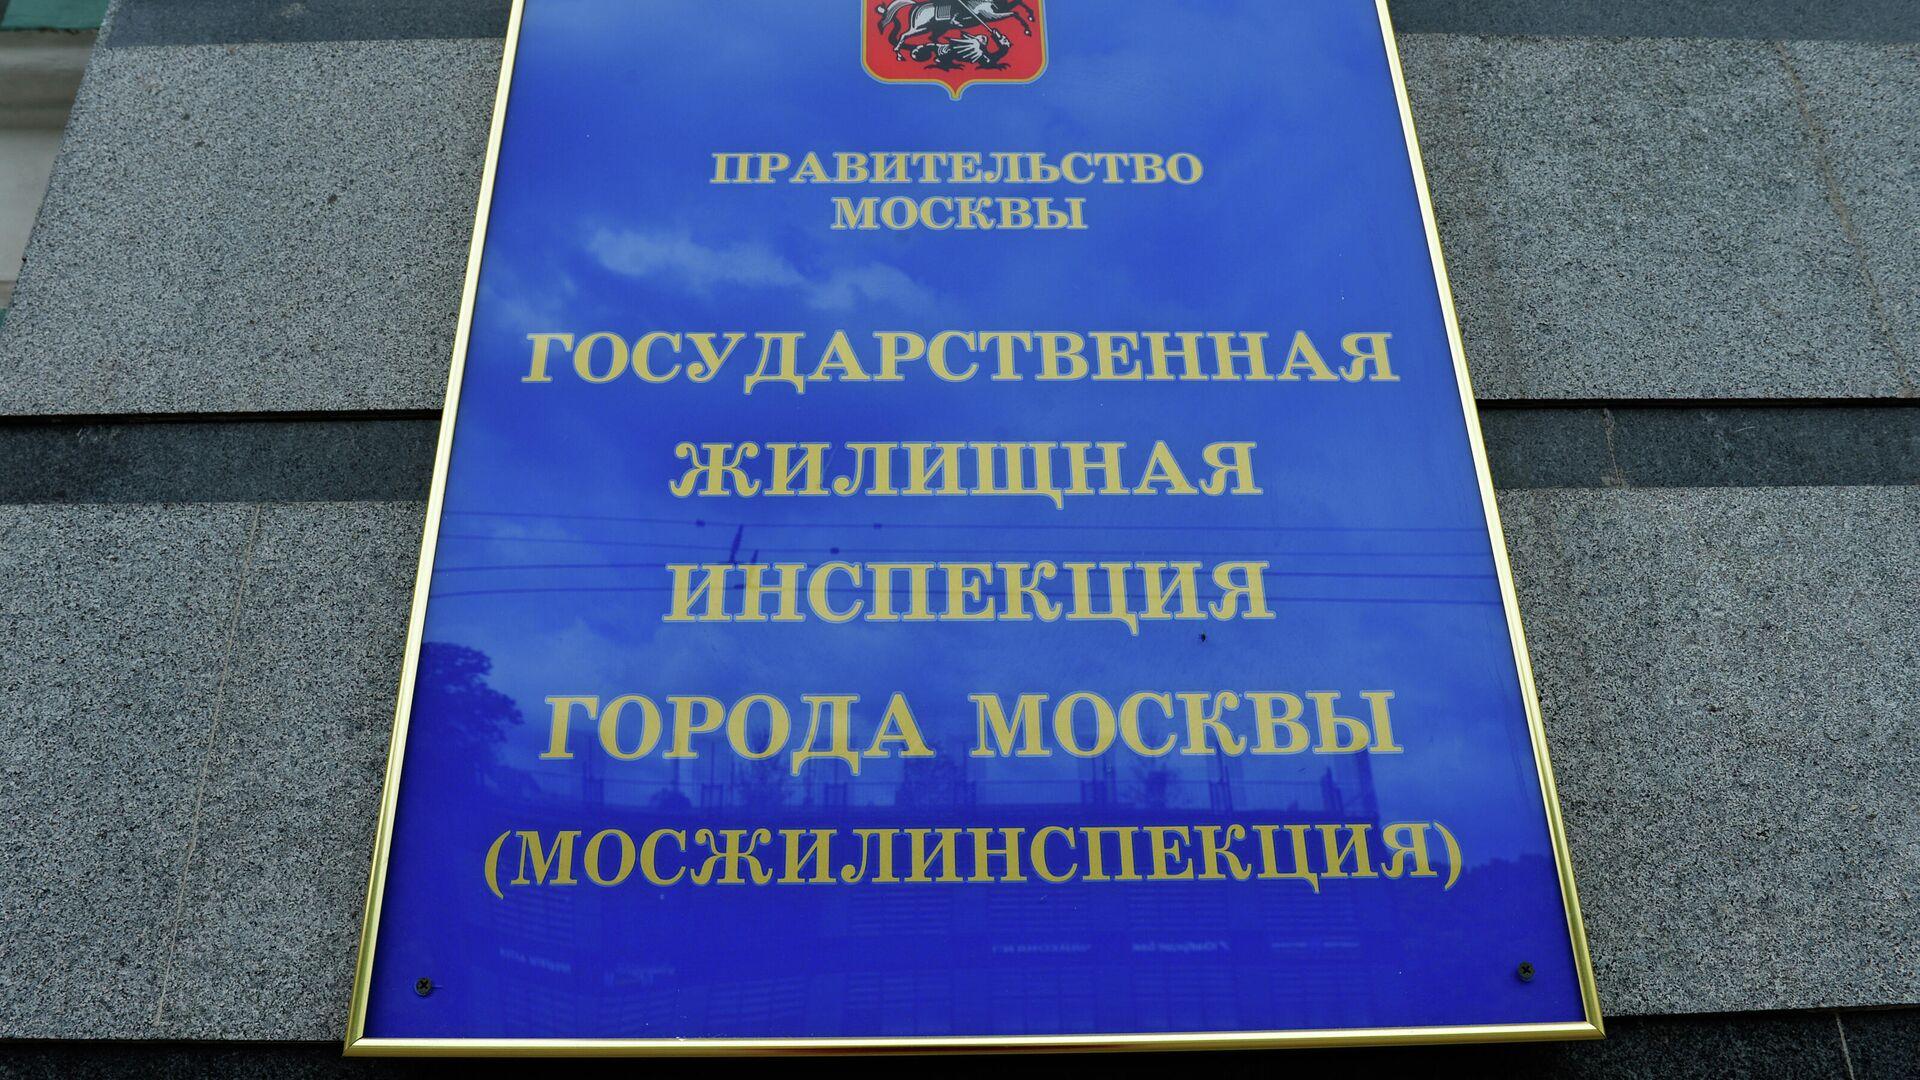 Табличка на здании Государственной жилищной инспекции города Москвы (Мосжилинспекции) - РИА Новости, 1920, 13.07.2020